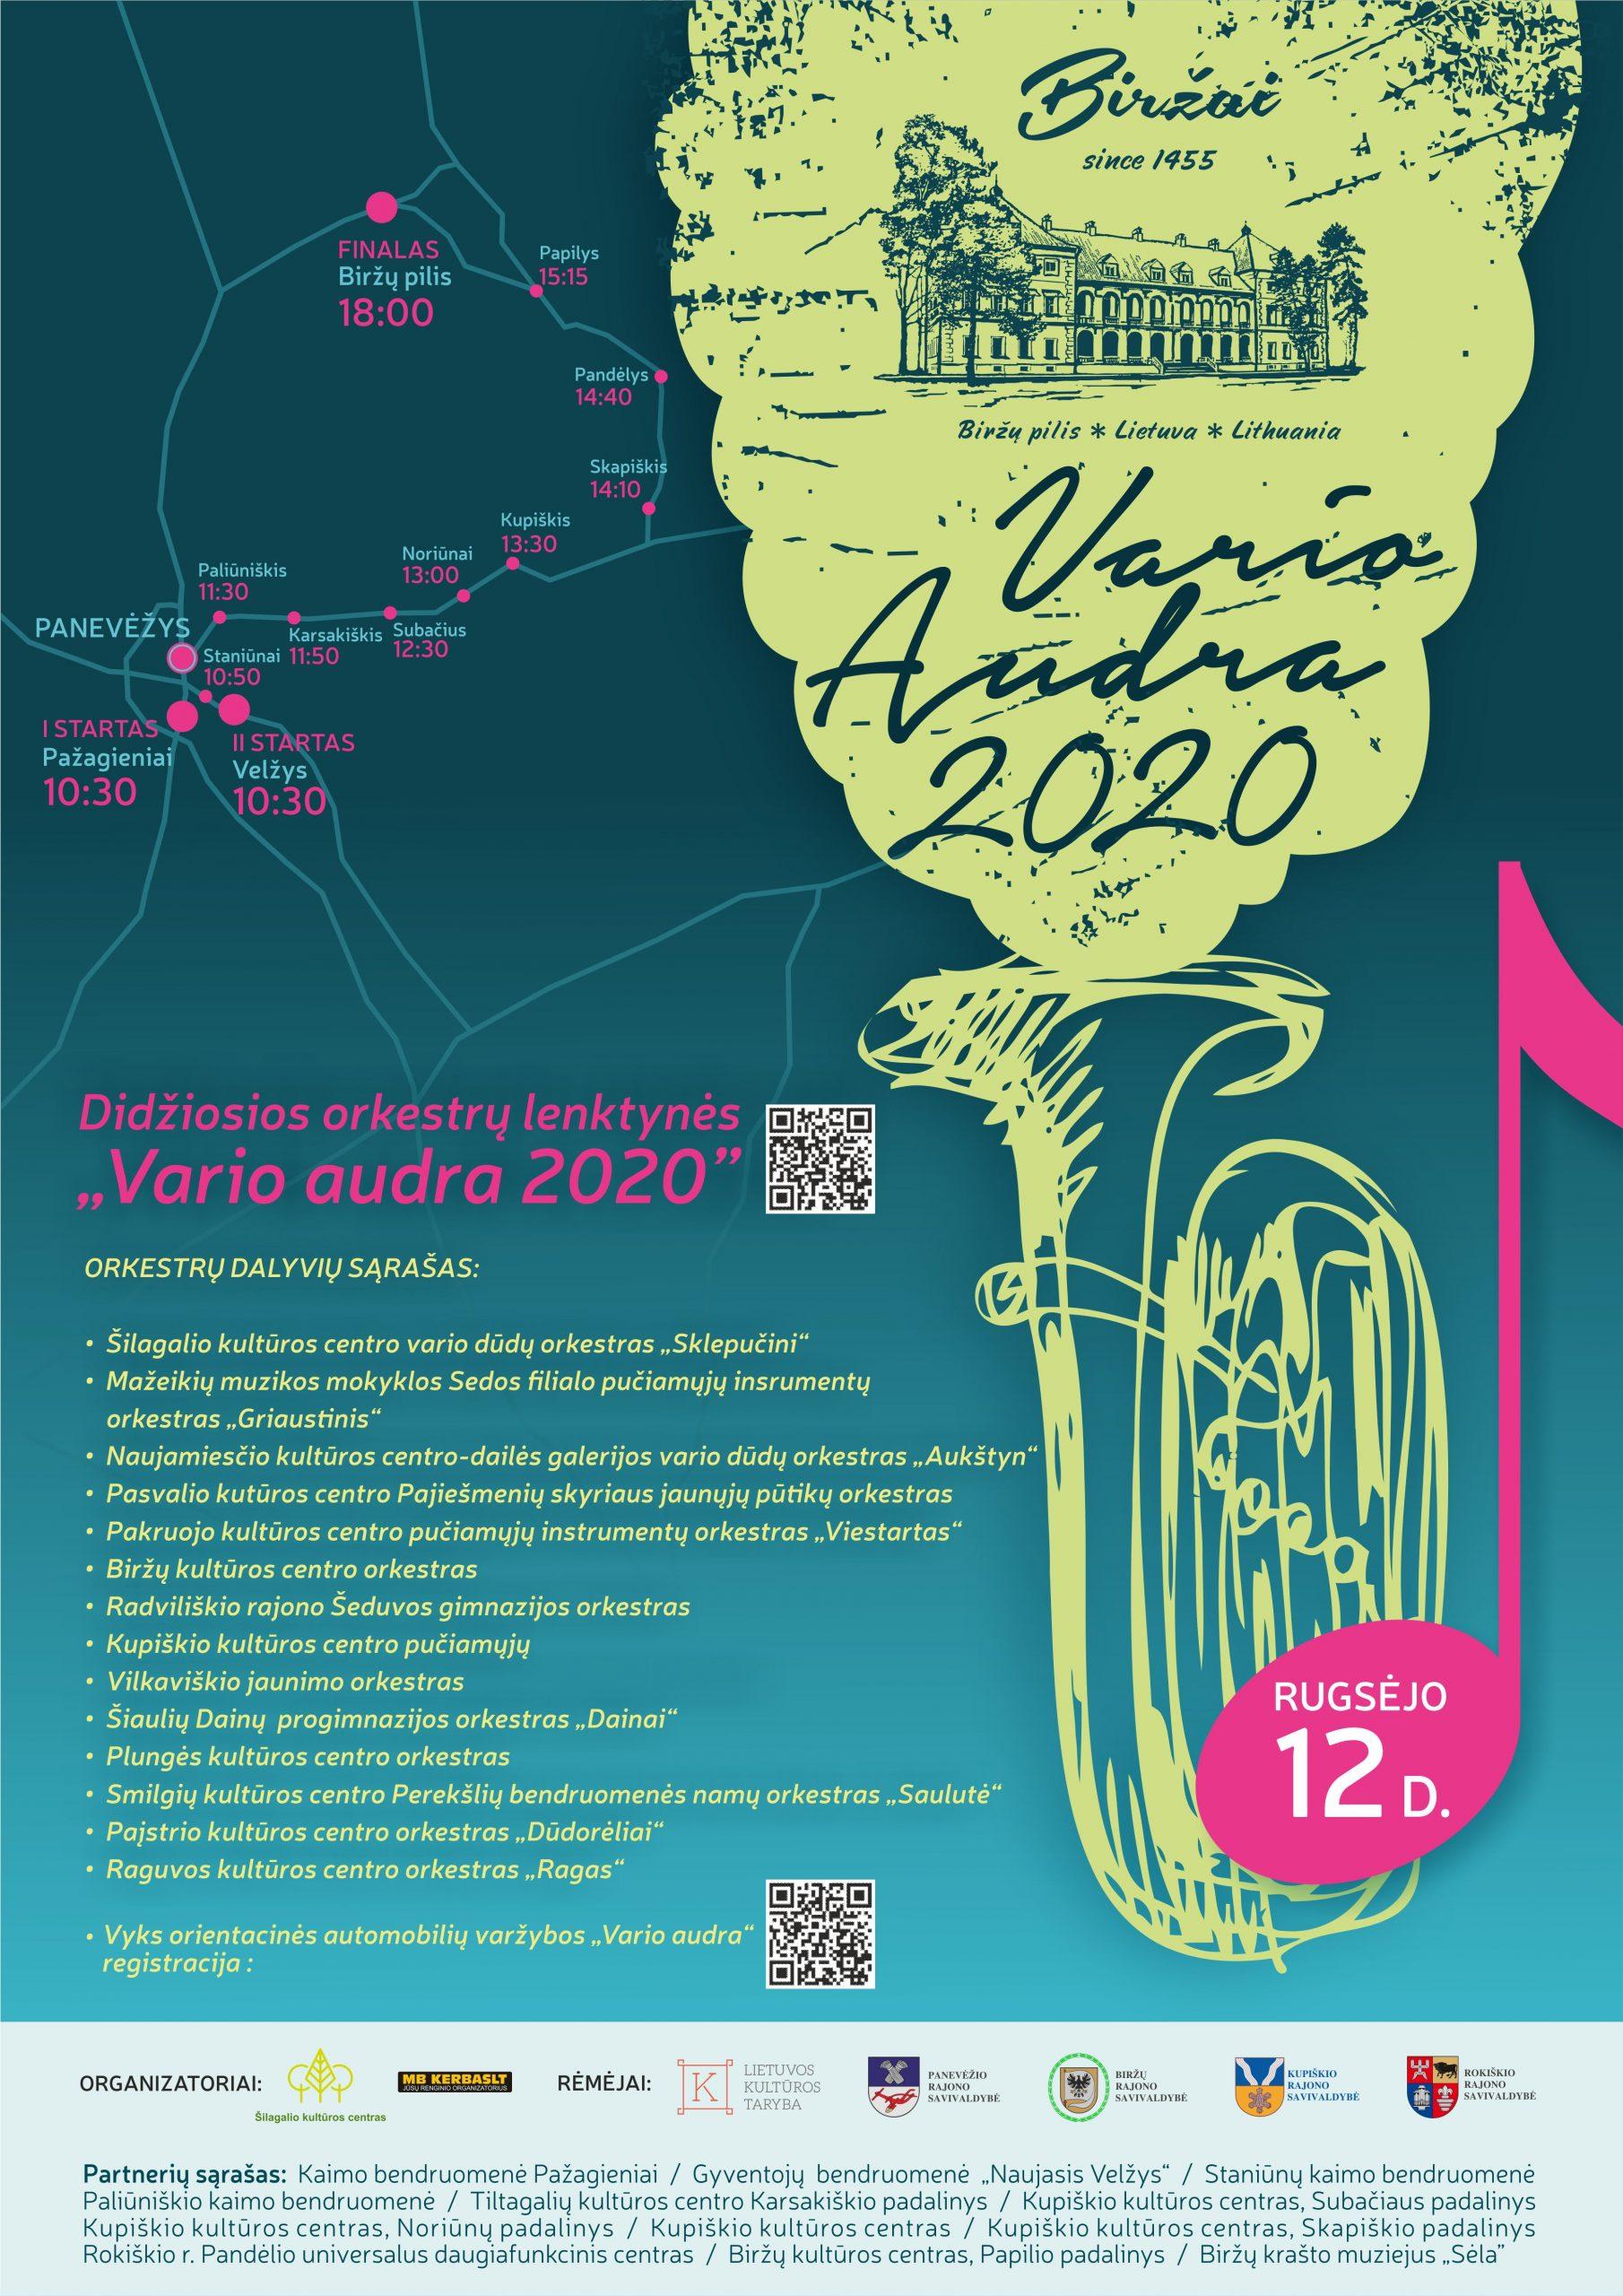 """Didžiosios orkestrų lenktynės """"Vario audra 2020"""""""